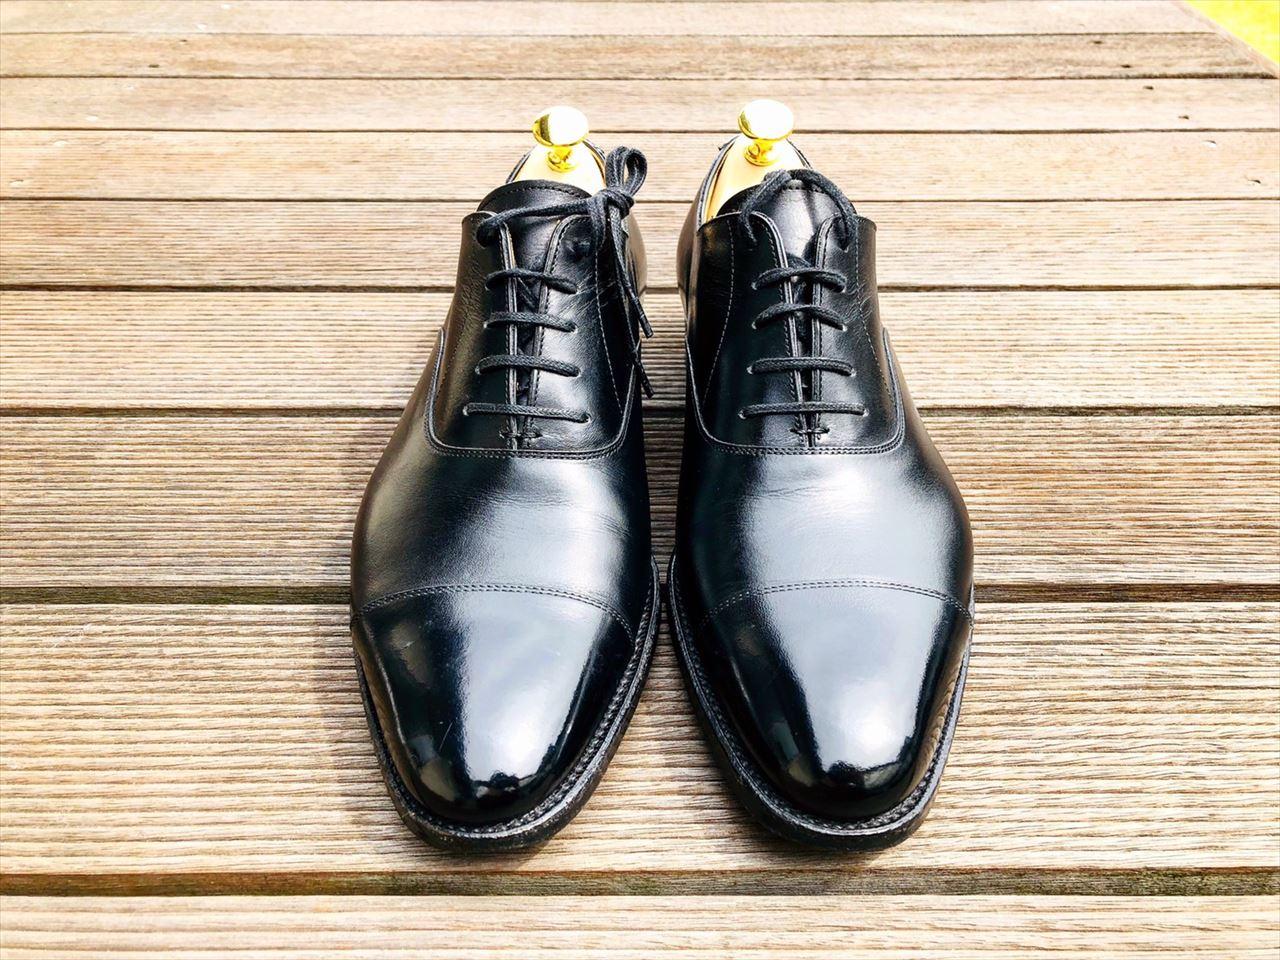 鏡面 磨き 革靴 就活生が革靴を鏡面磨きしていると印象は良くないでしょうか?